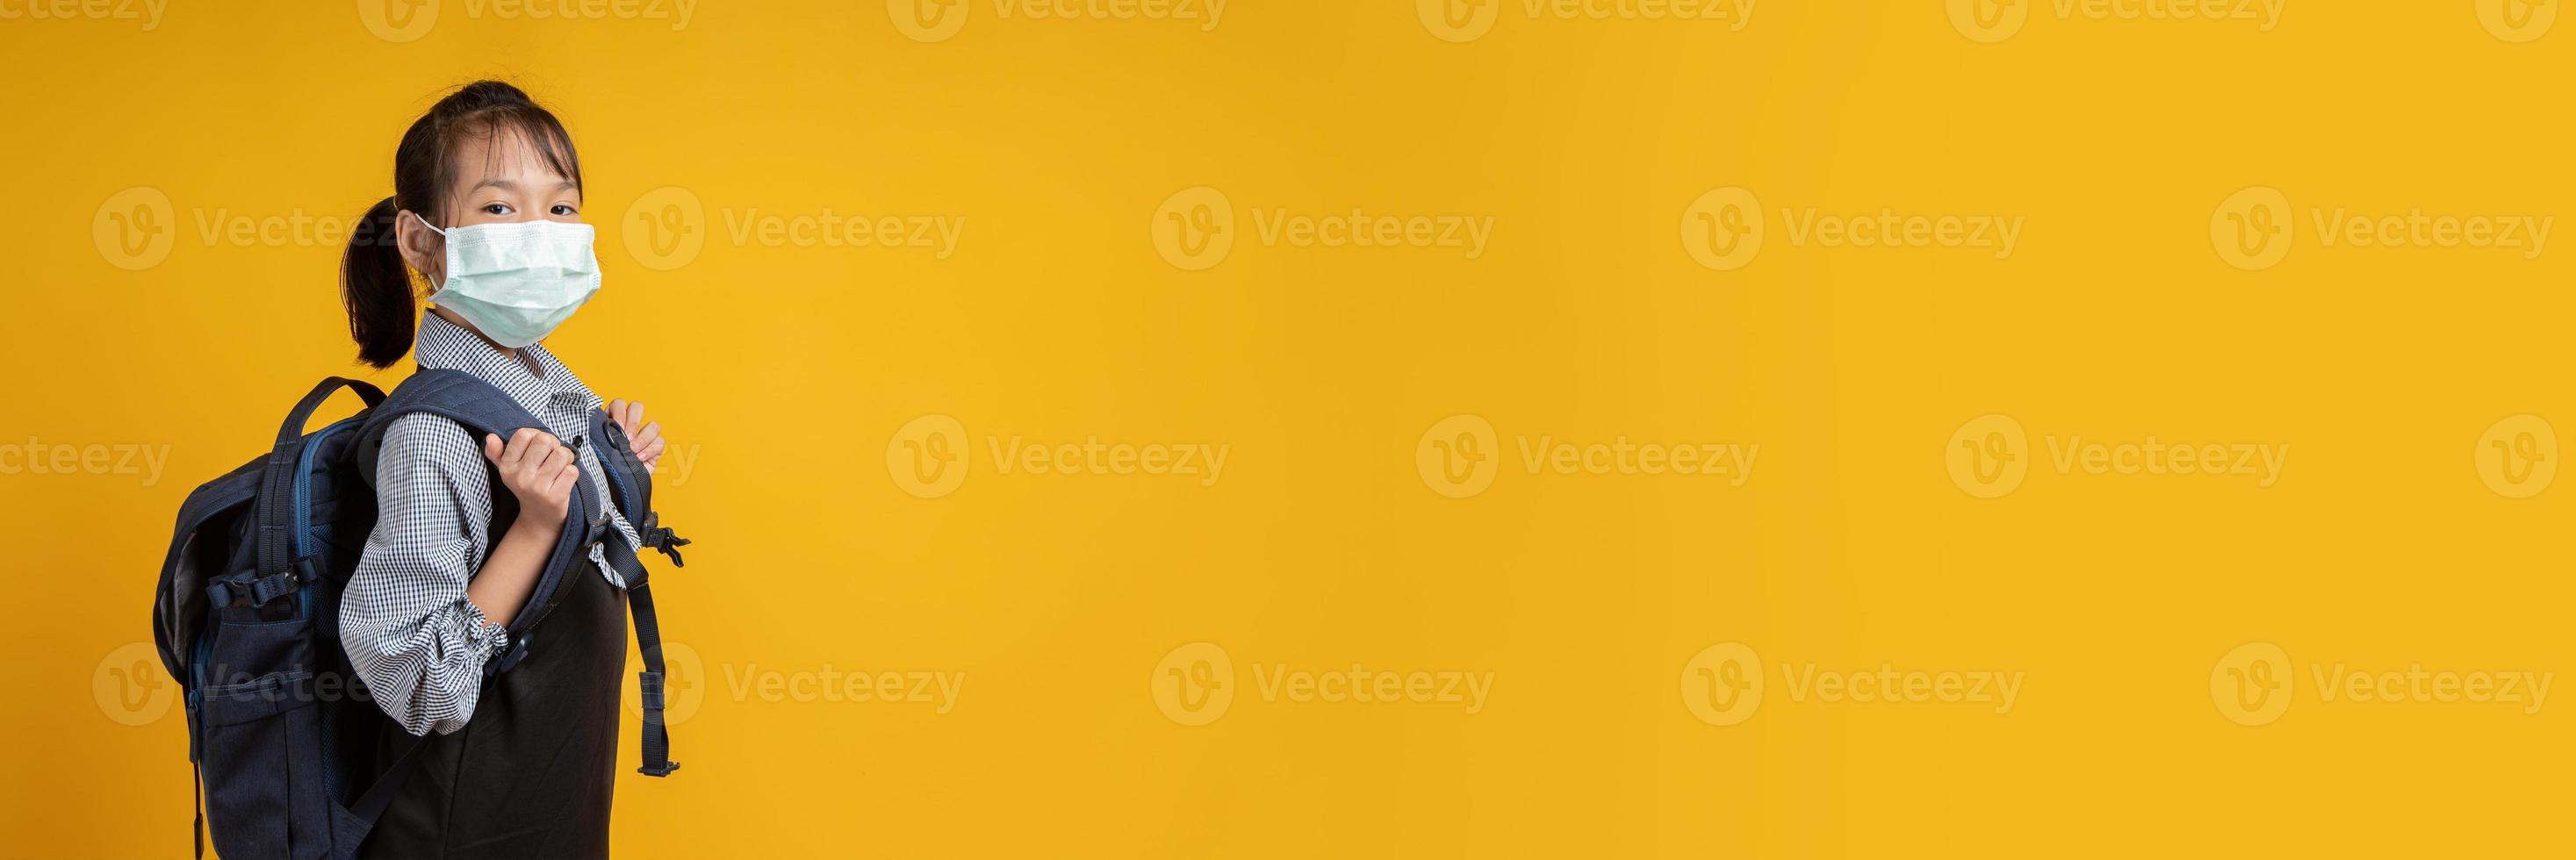 jovem tailandesa usando uma mochila e olhando a câmera com fundo amarelo foto